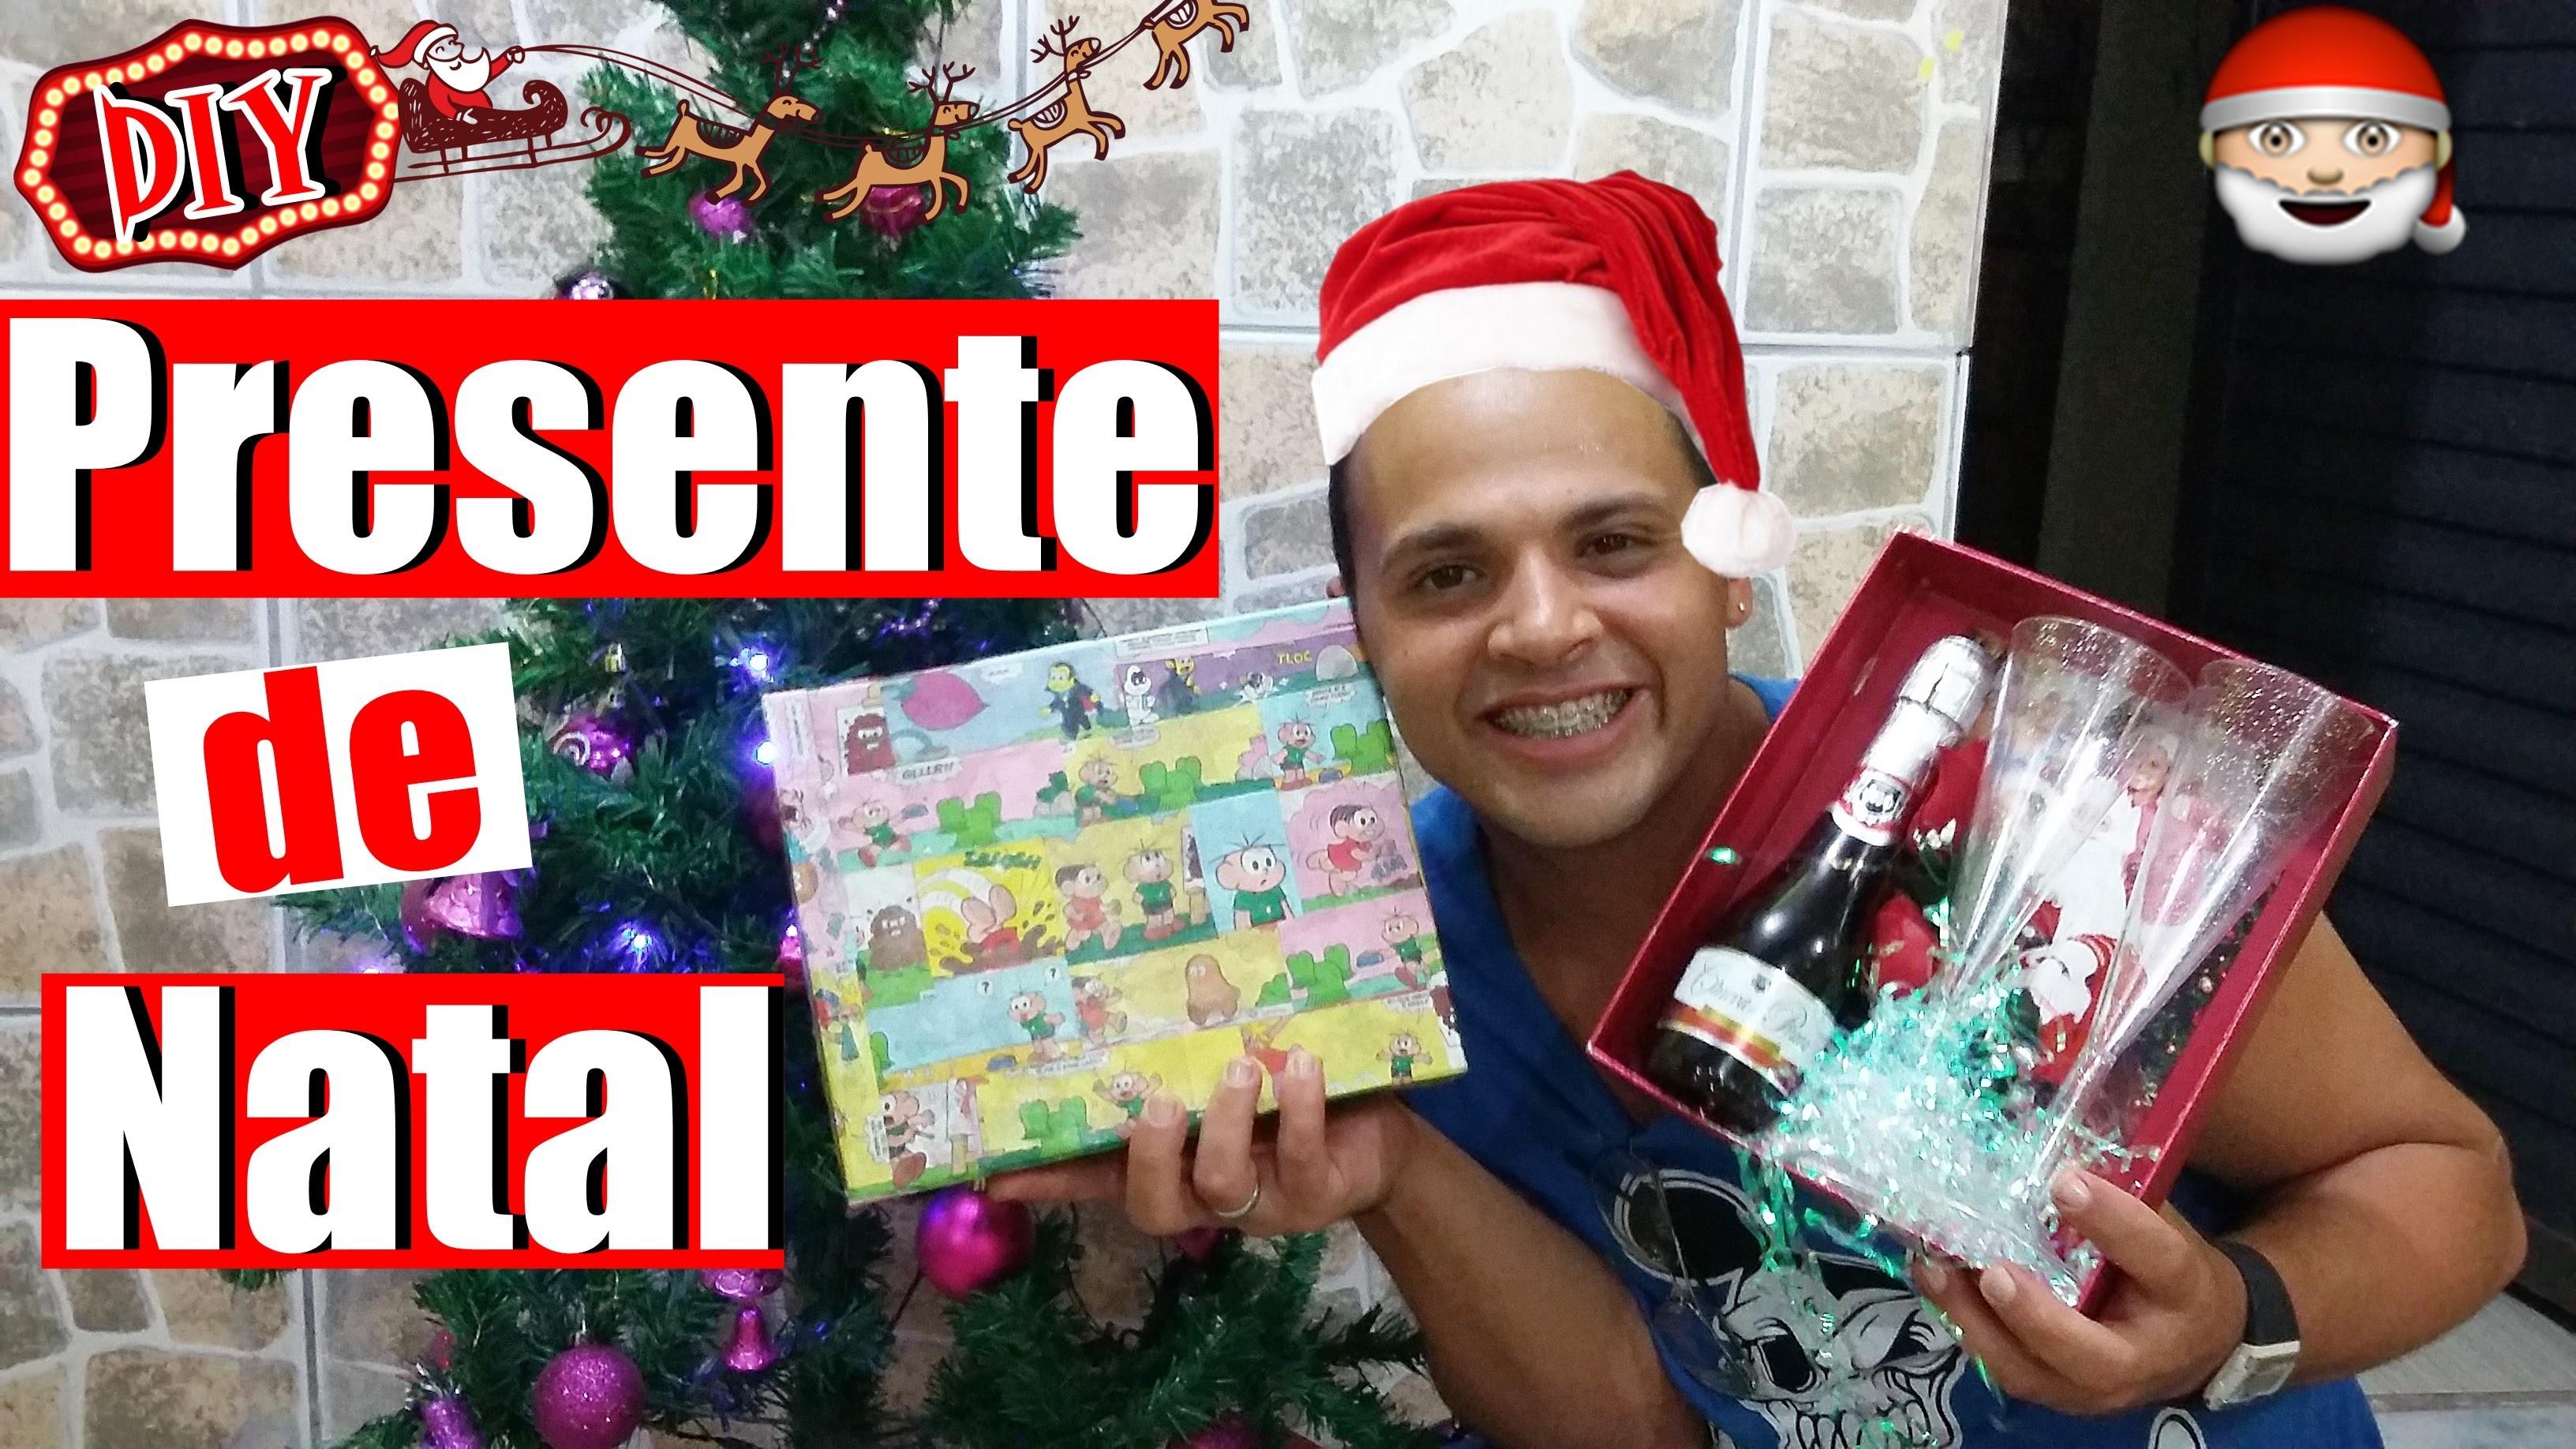 Desafio Méliuz | Desafio 3 : DIY (Faça você mesmo ) Presente de Natal